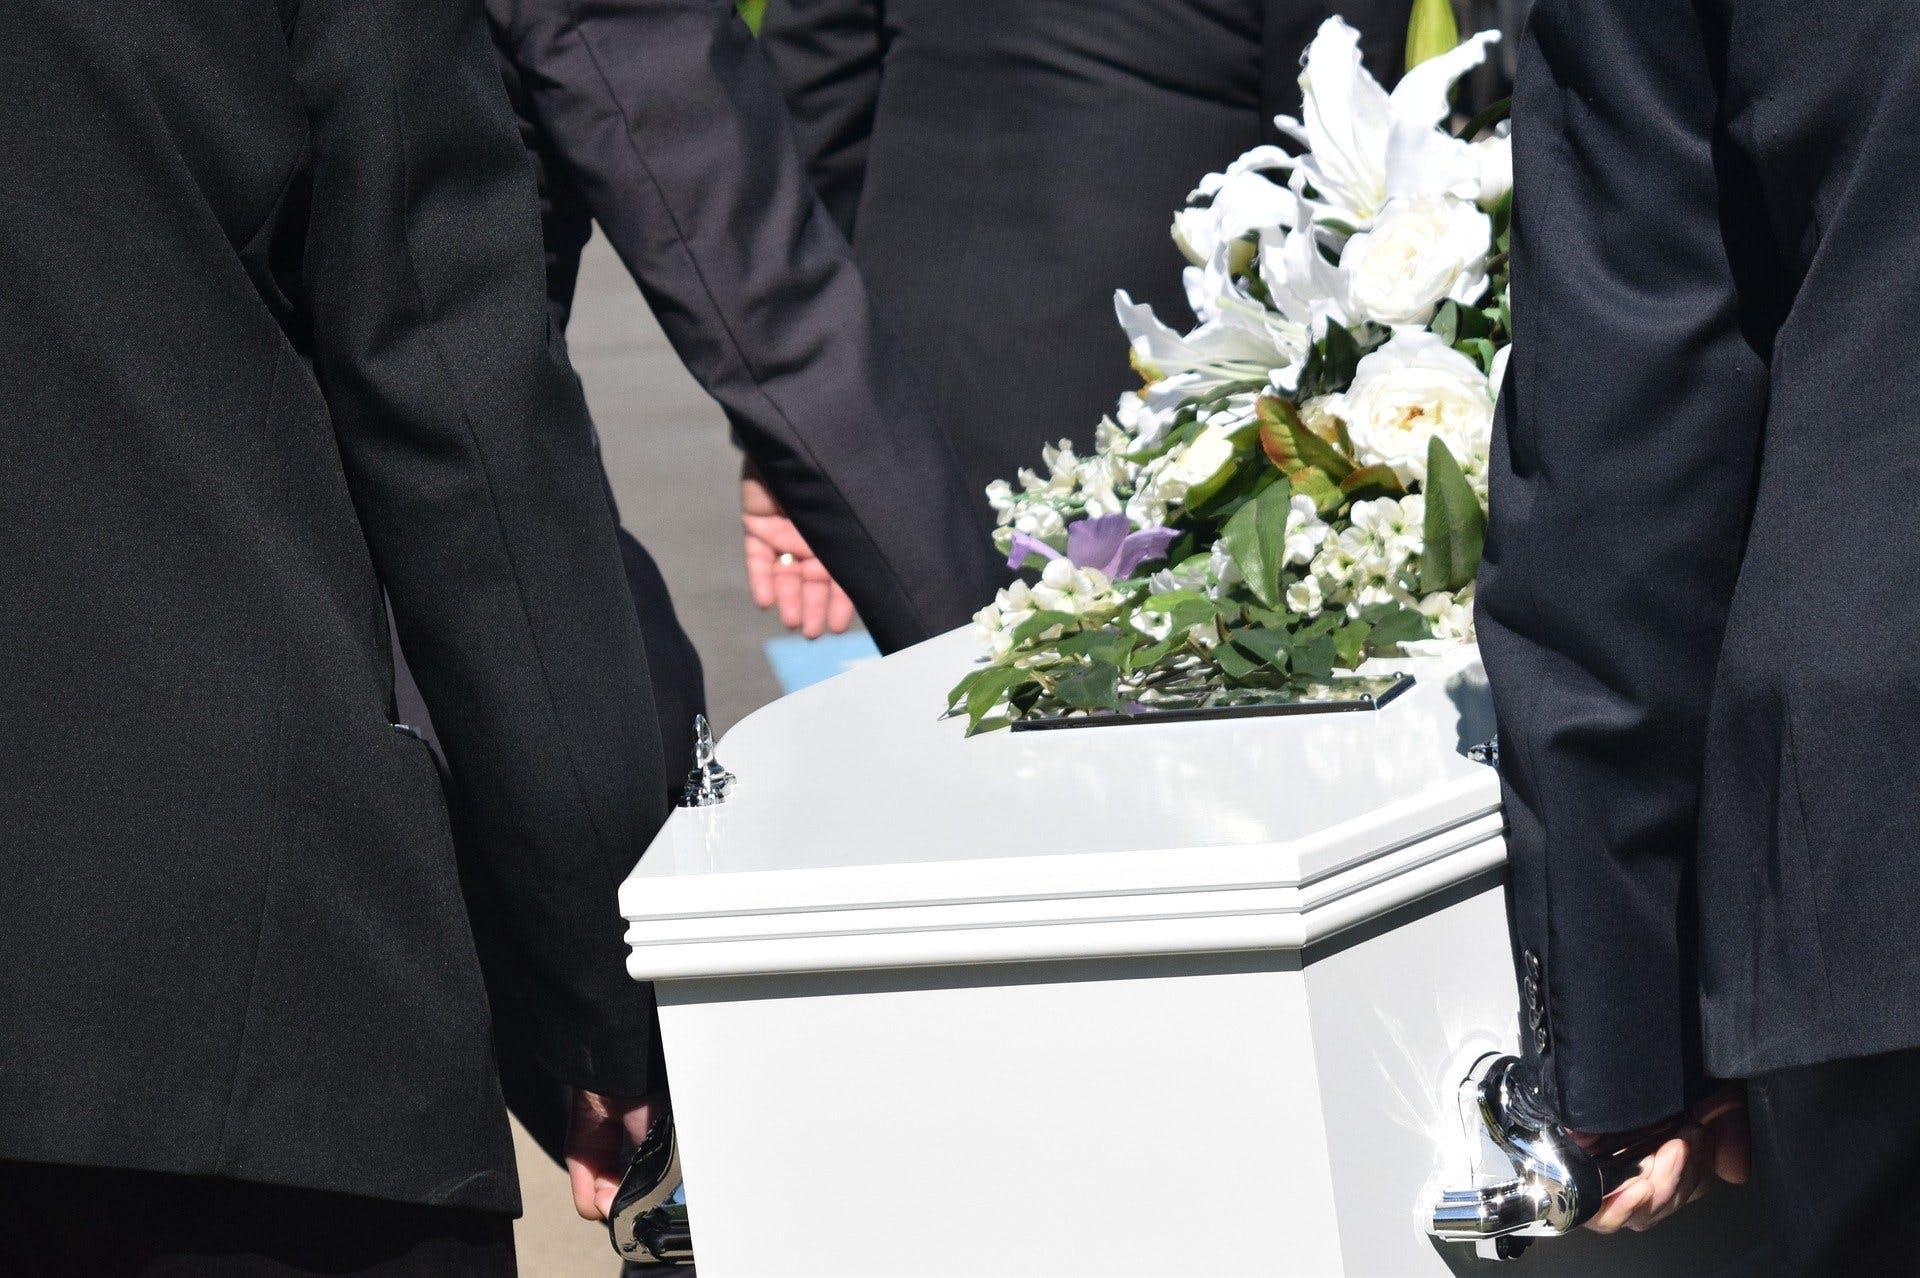 loi d'enterrement civil à la mairie